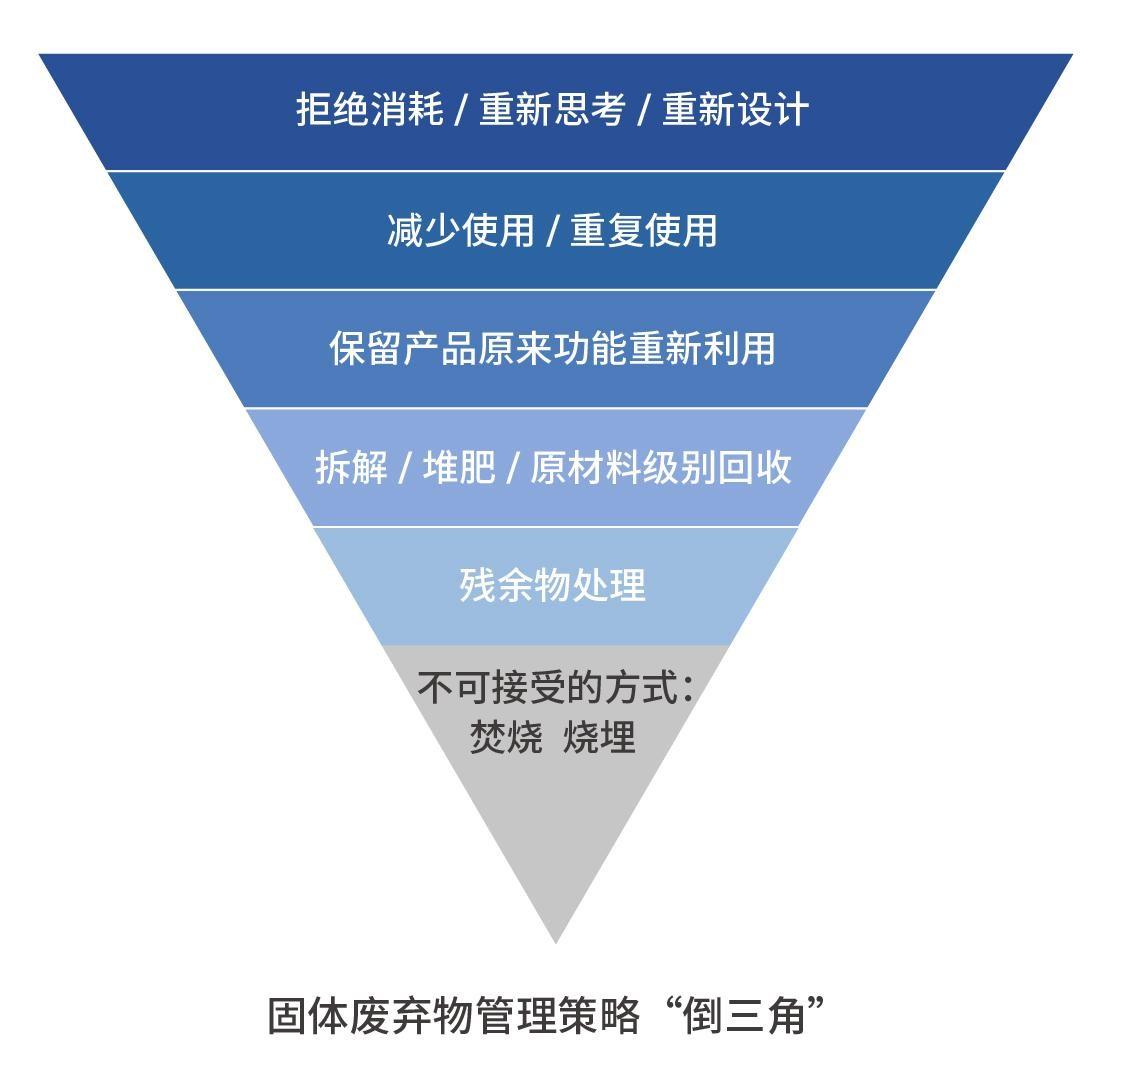 """固体废弃物管理策略的""""倒三角""""图。 © Greenpeace"""